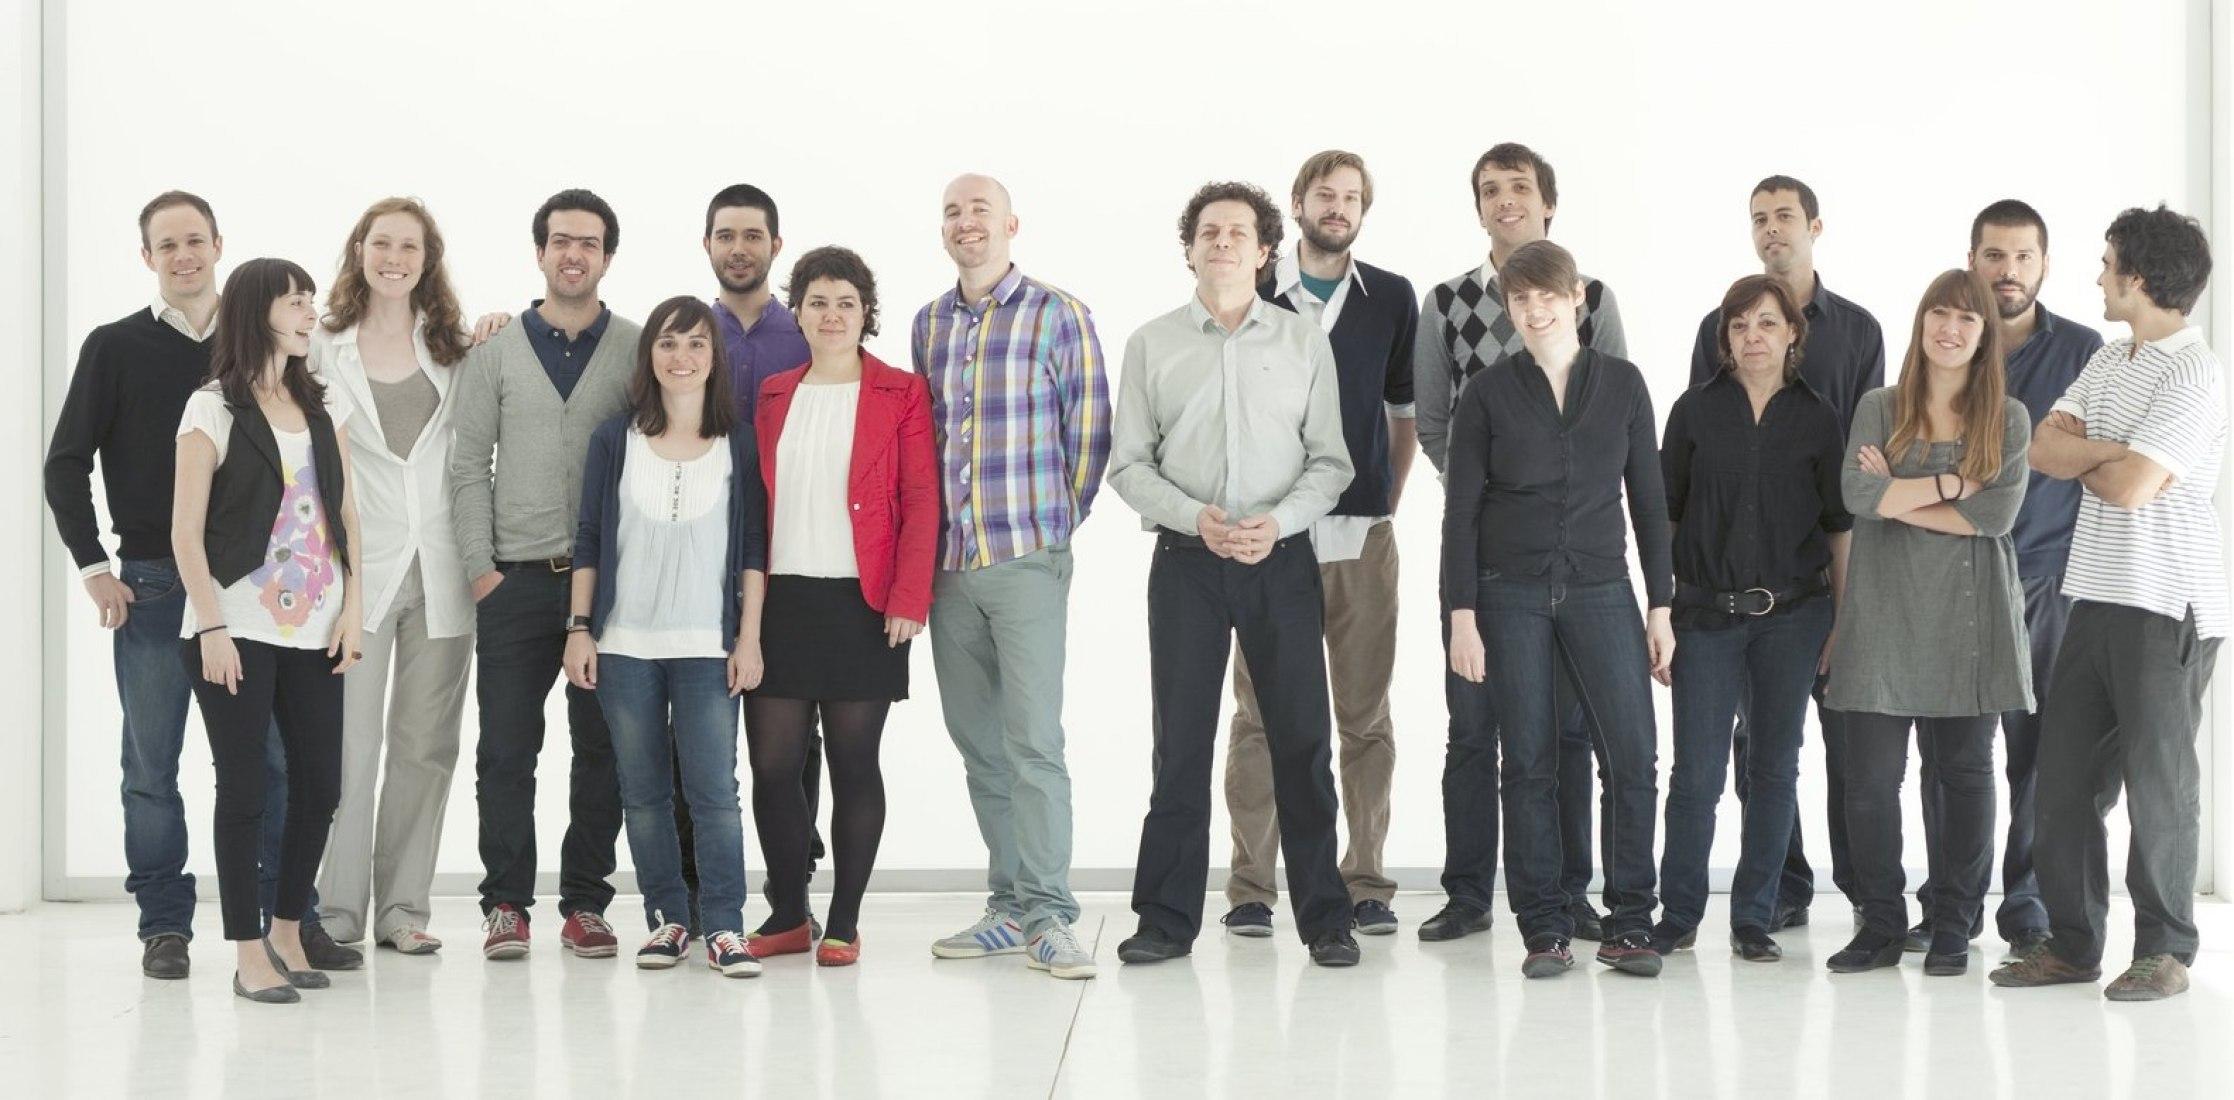 Fotografía, Herreros arquitectos equipo. ©Javier Callejas.